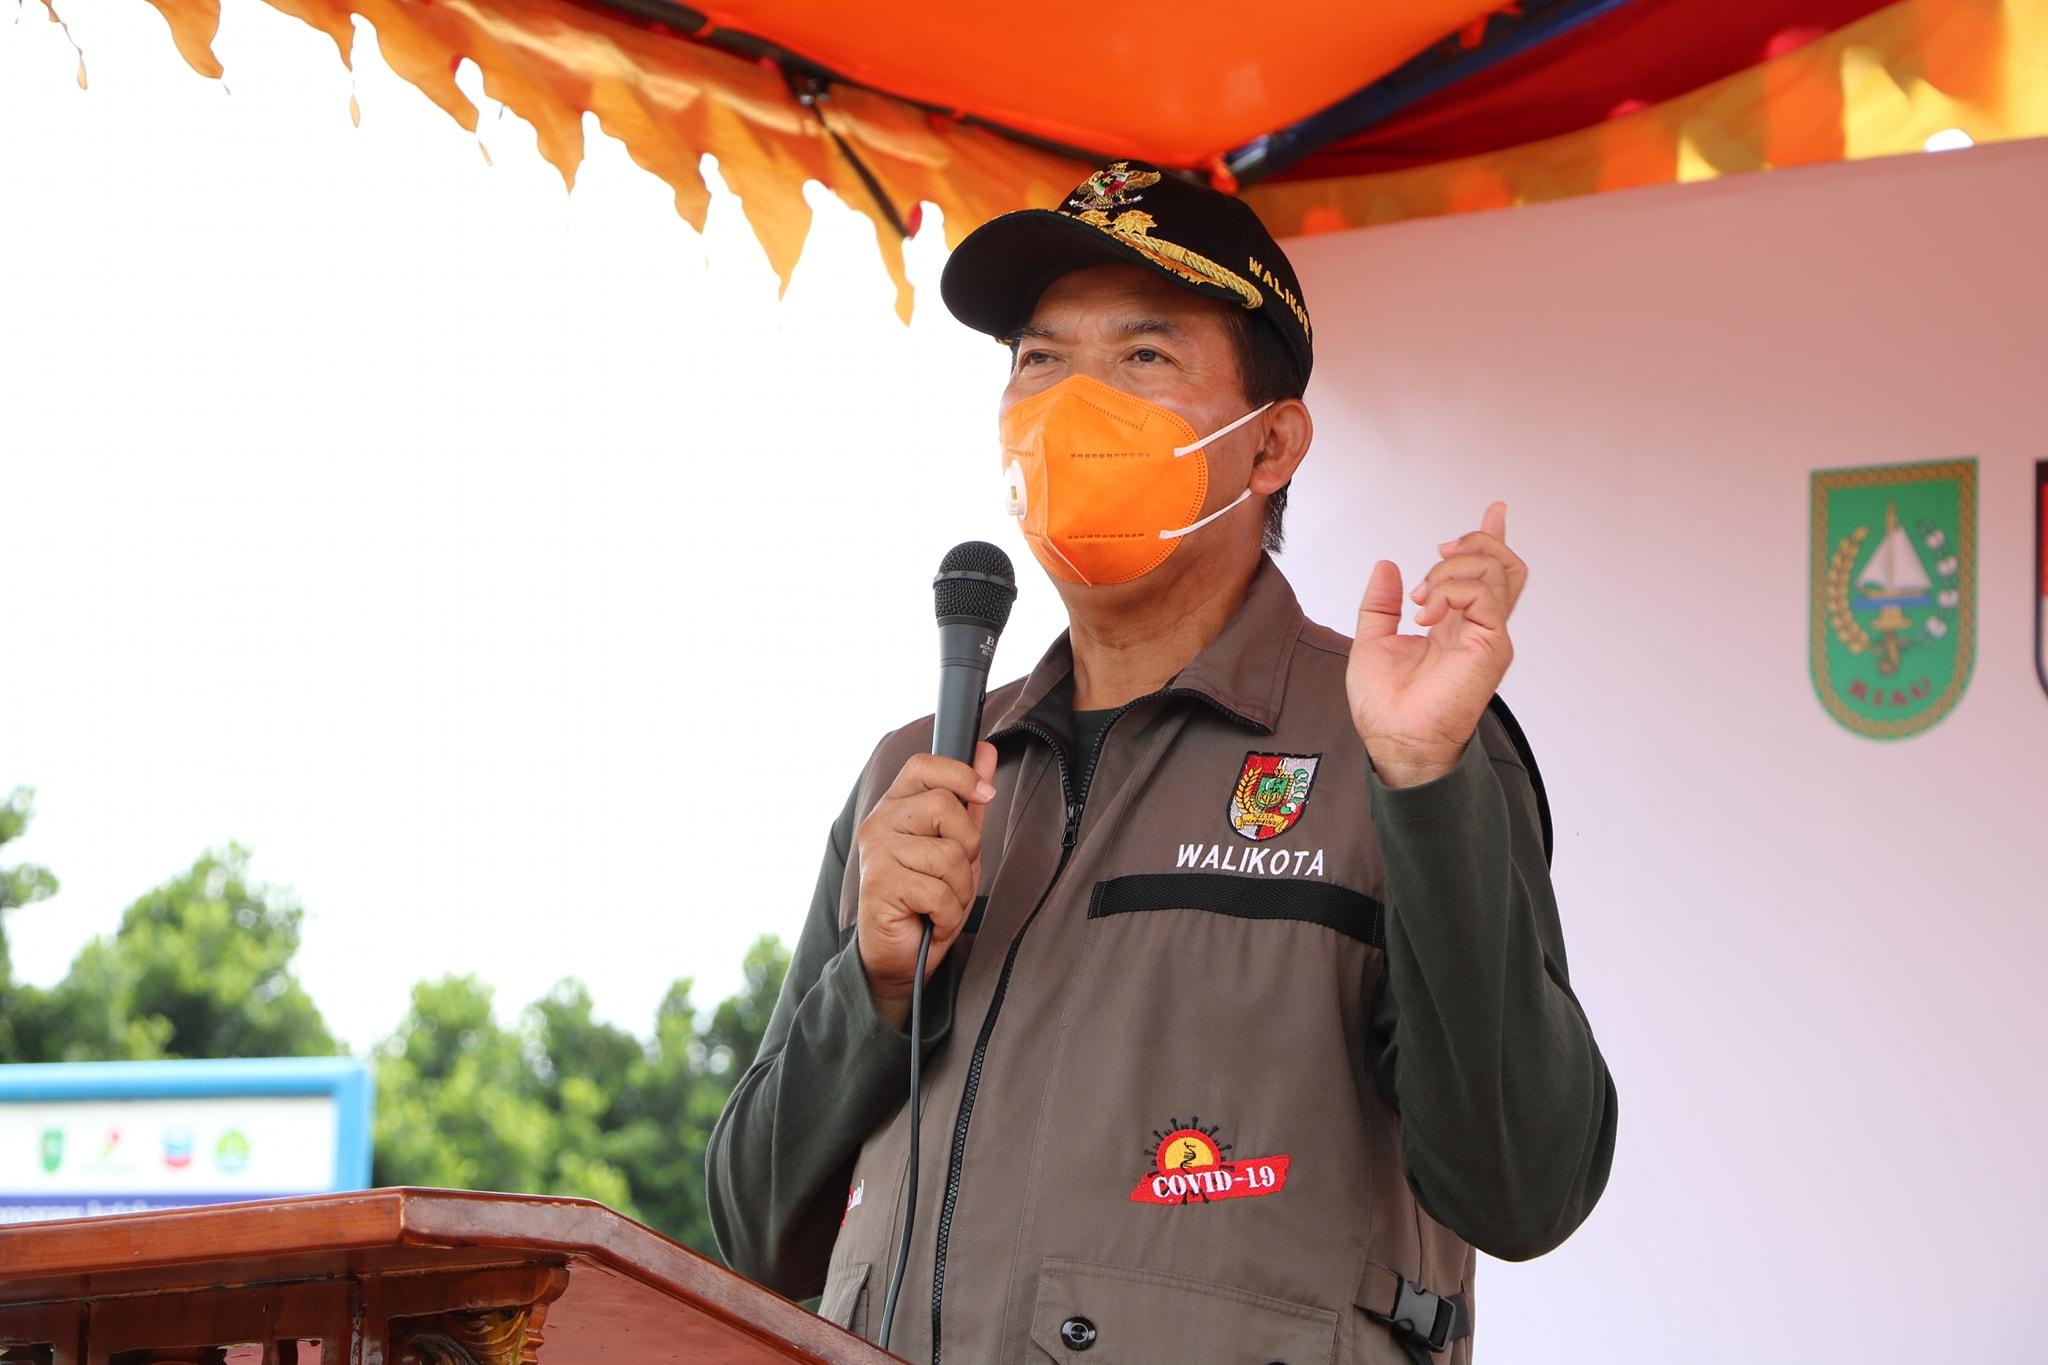 Wali Kota Pekanbaru Siap Ambil Langkah Hukum Terhadap Pelaku Pungli Sampah